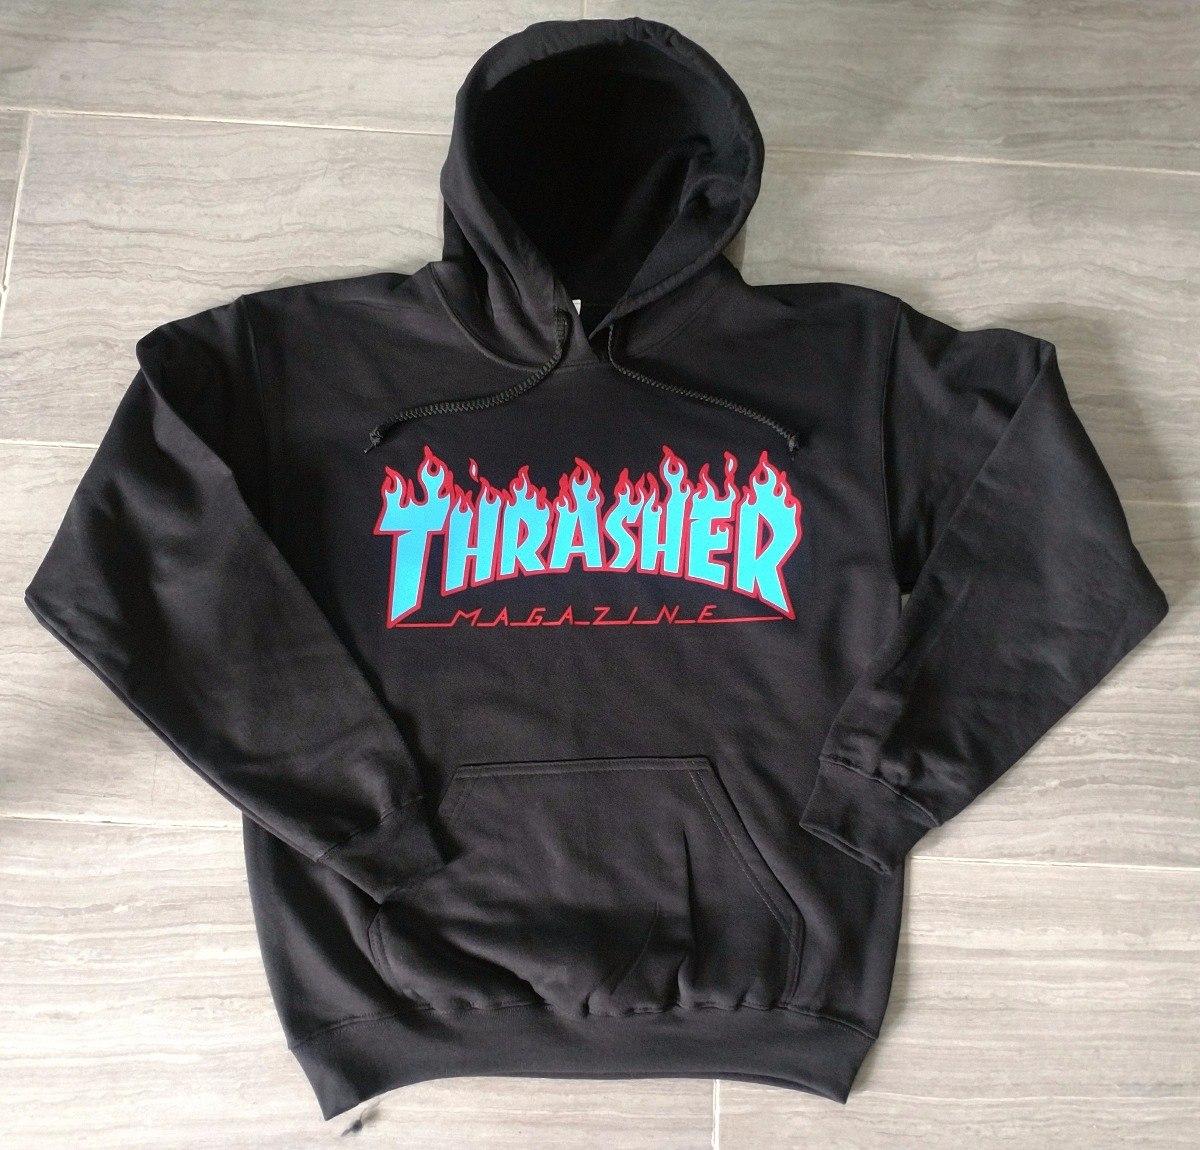 thrasher Flamas Llamas Thrasher Thrasher Skate 465 Sudadera 00 wTqpvxa